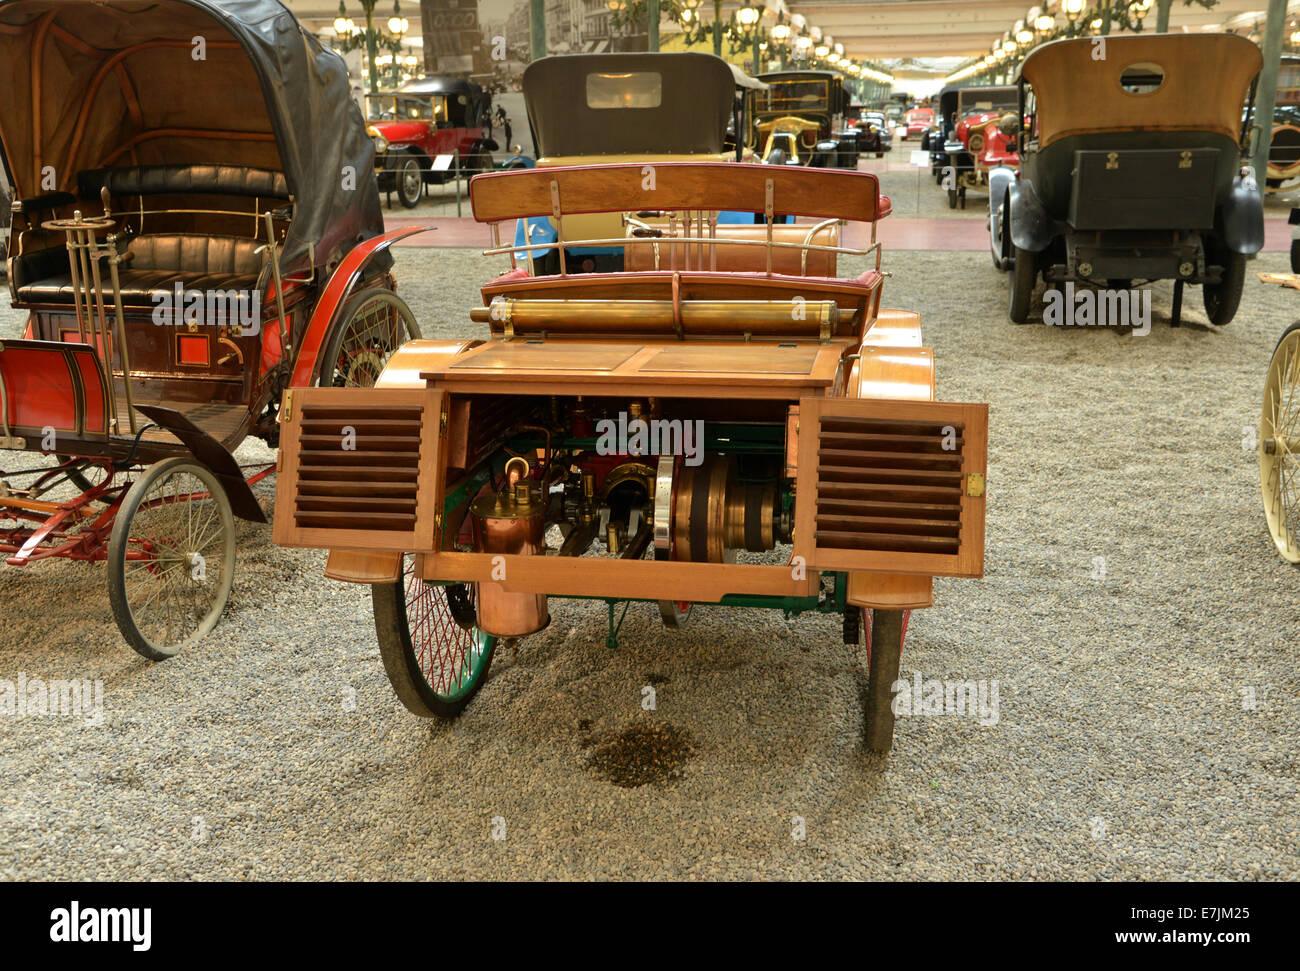 Steam Car France Stock Photos & Steam Car France Stock Images - Alamy